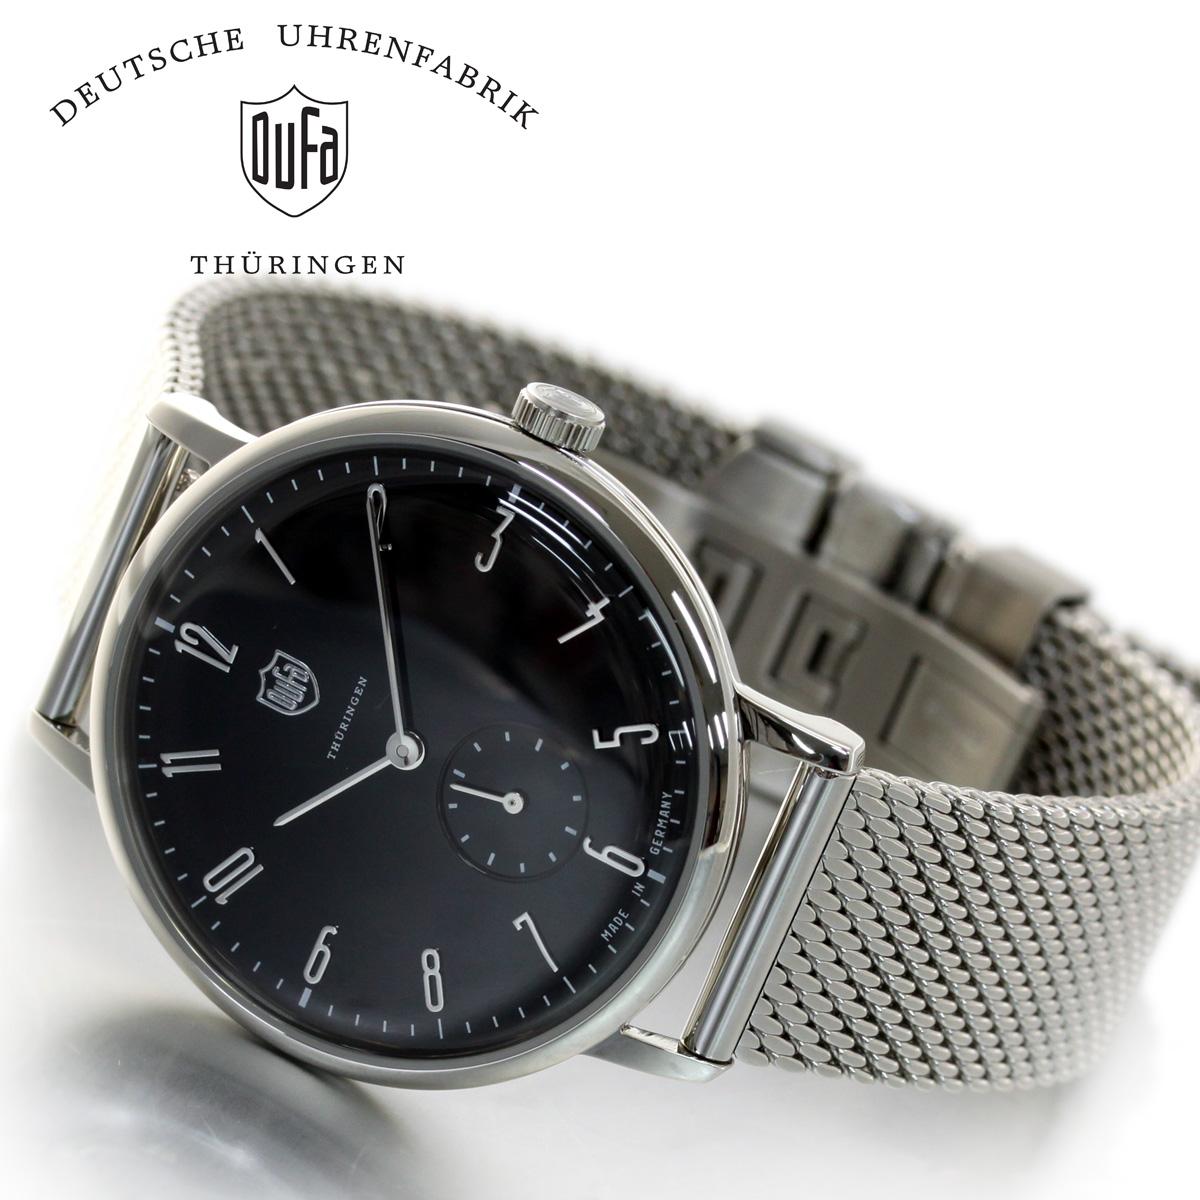 【5日0時~♪10%OFFクーポン&店内ポイント最大51倍!5日23時59分まで】DUFA ドゥッファ Walter Gropius 腕時計 メンズ ヴォルター・グロピウス DF-9001-11